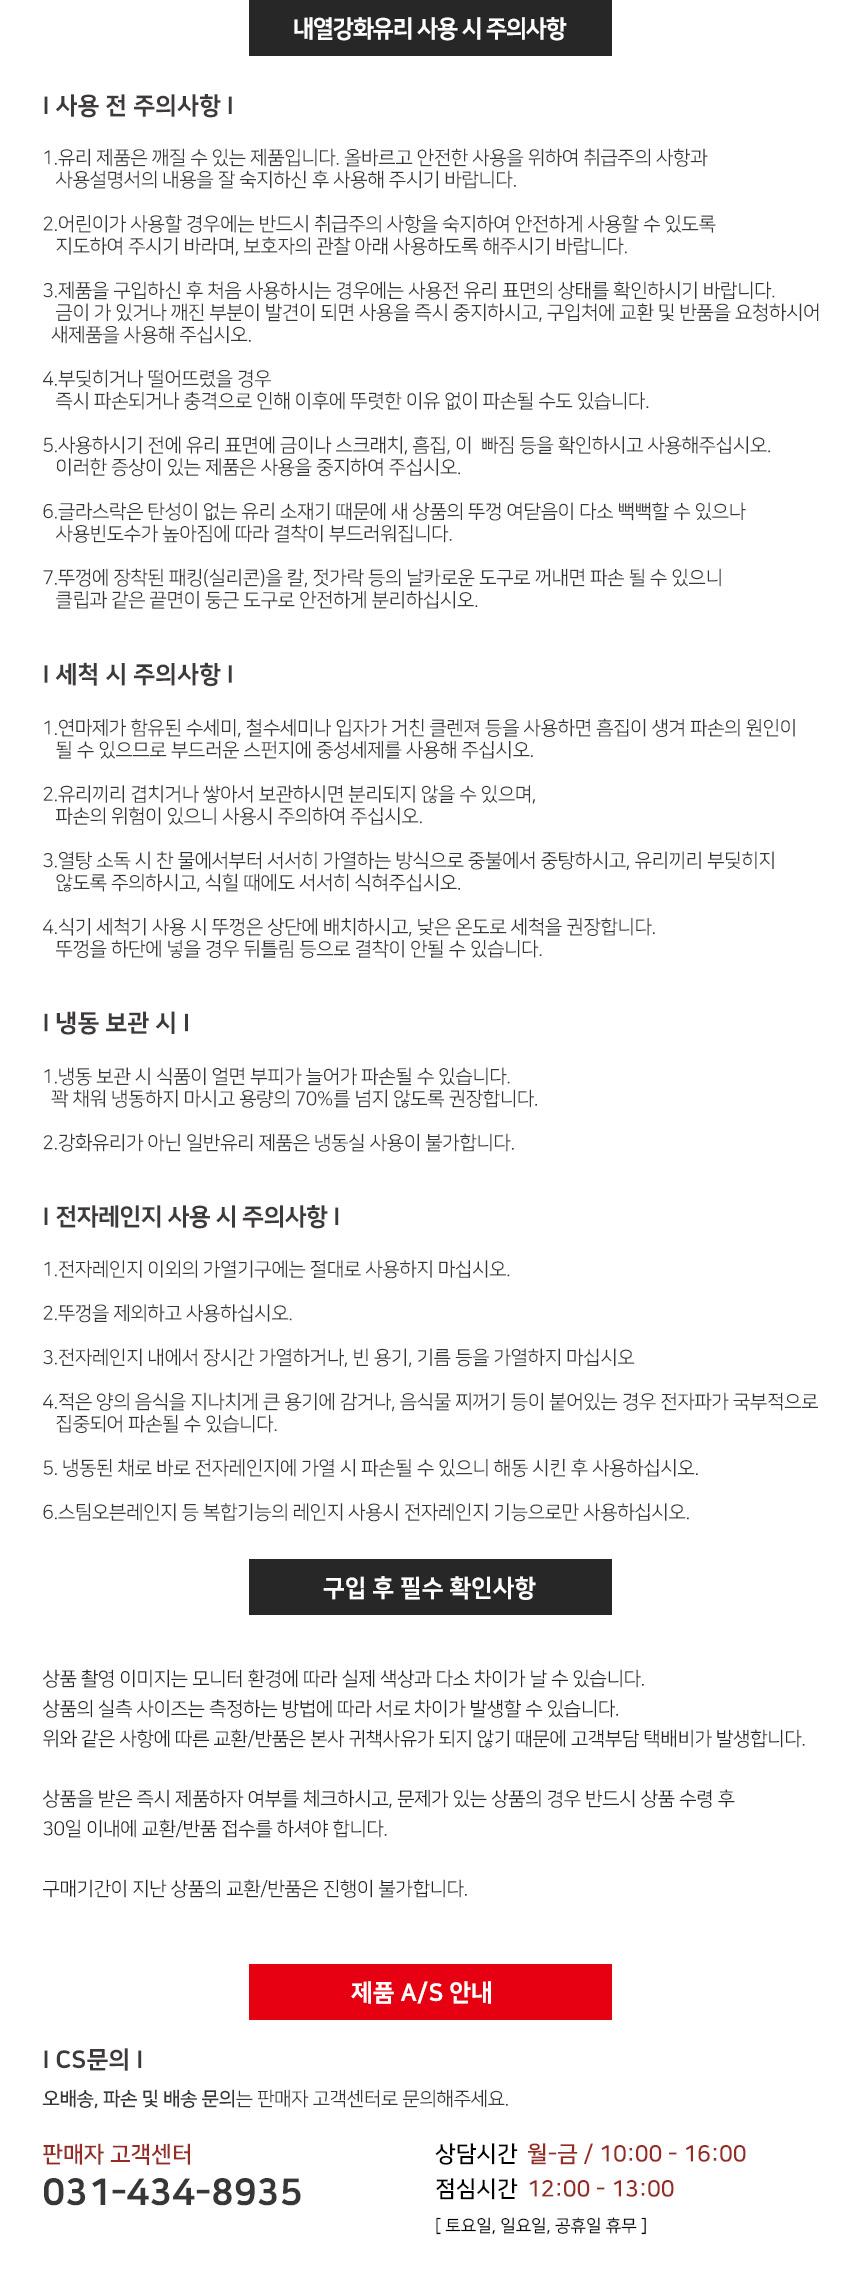 글라스락 내열강화 샤이닝 텀블러 500ml_4조 - 글라스락, 17,900원, 유리컵/술잔, 유리컵